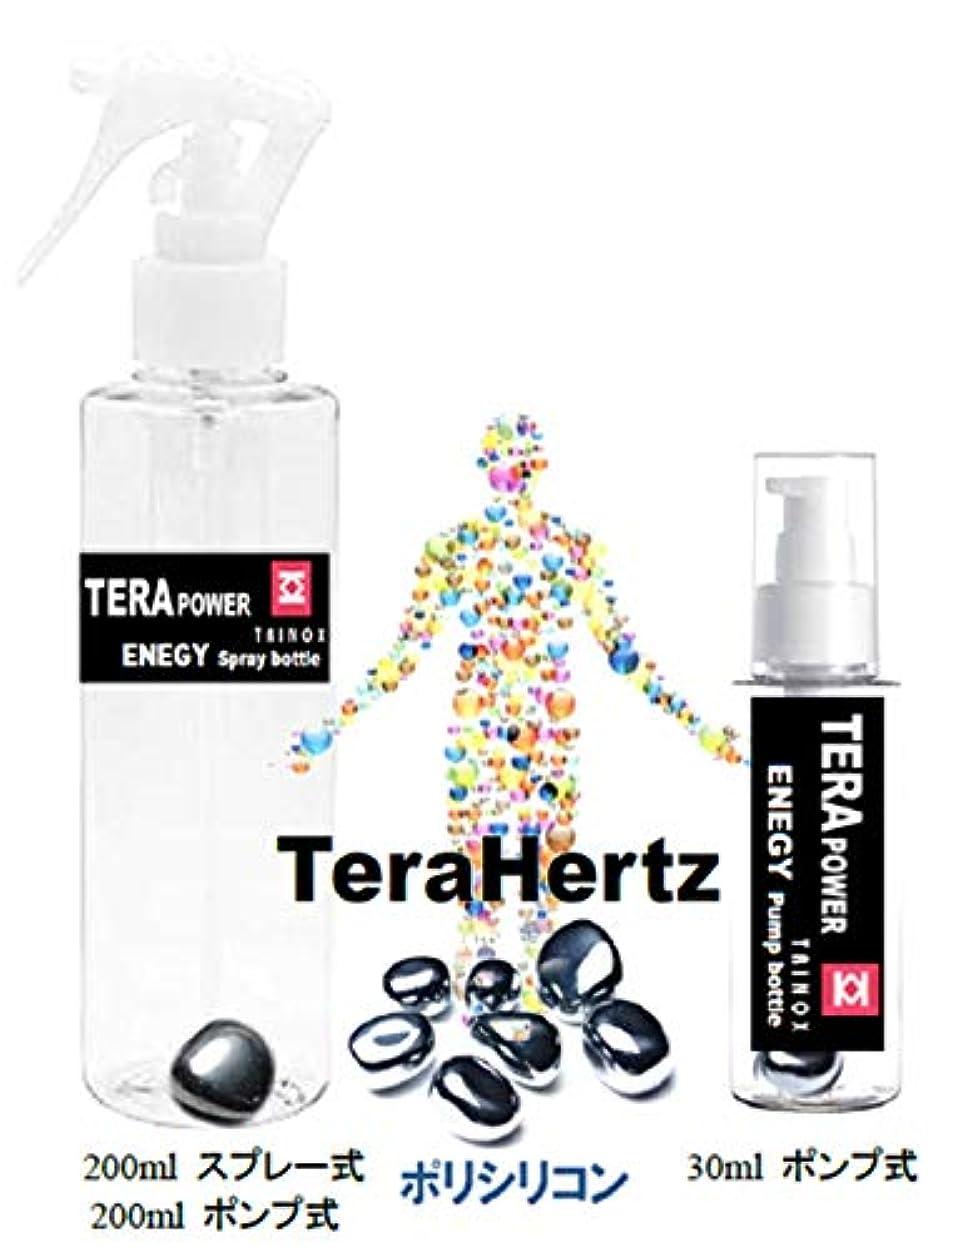 容赦ない刈る満足テラパワー エナジーボトル 振動機能水 200ml +30ml 血行促進 筋肉 リフレッシュ 筋肉痛 腰痛 肩こり